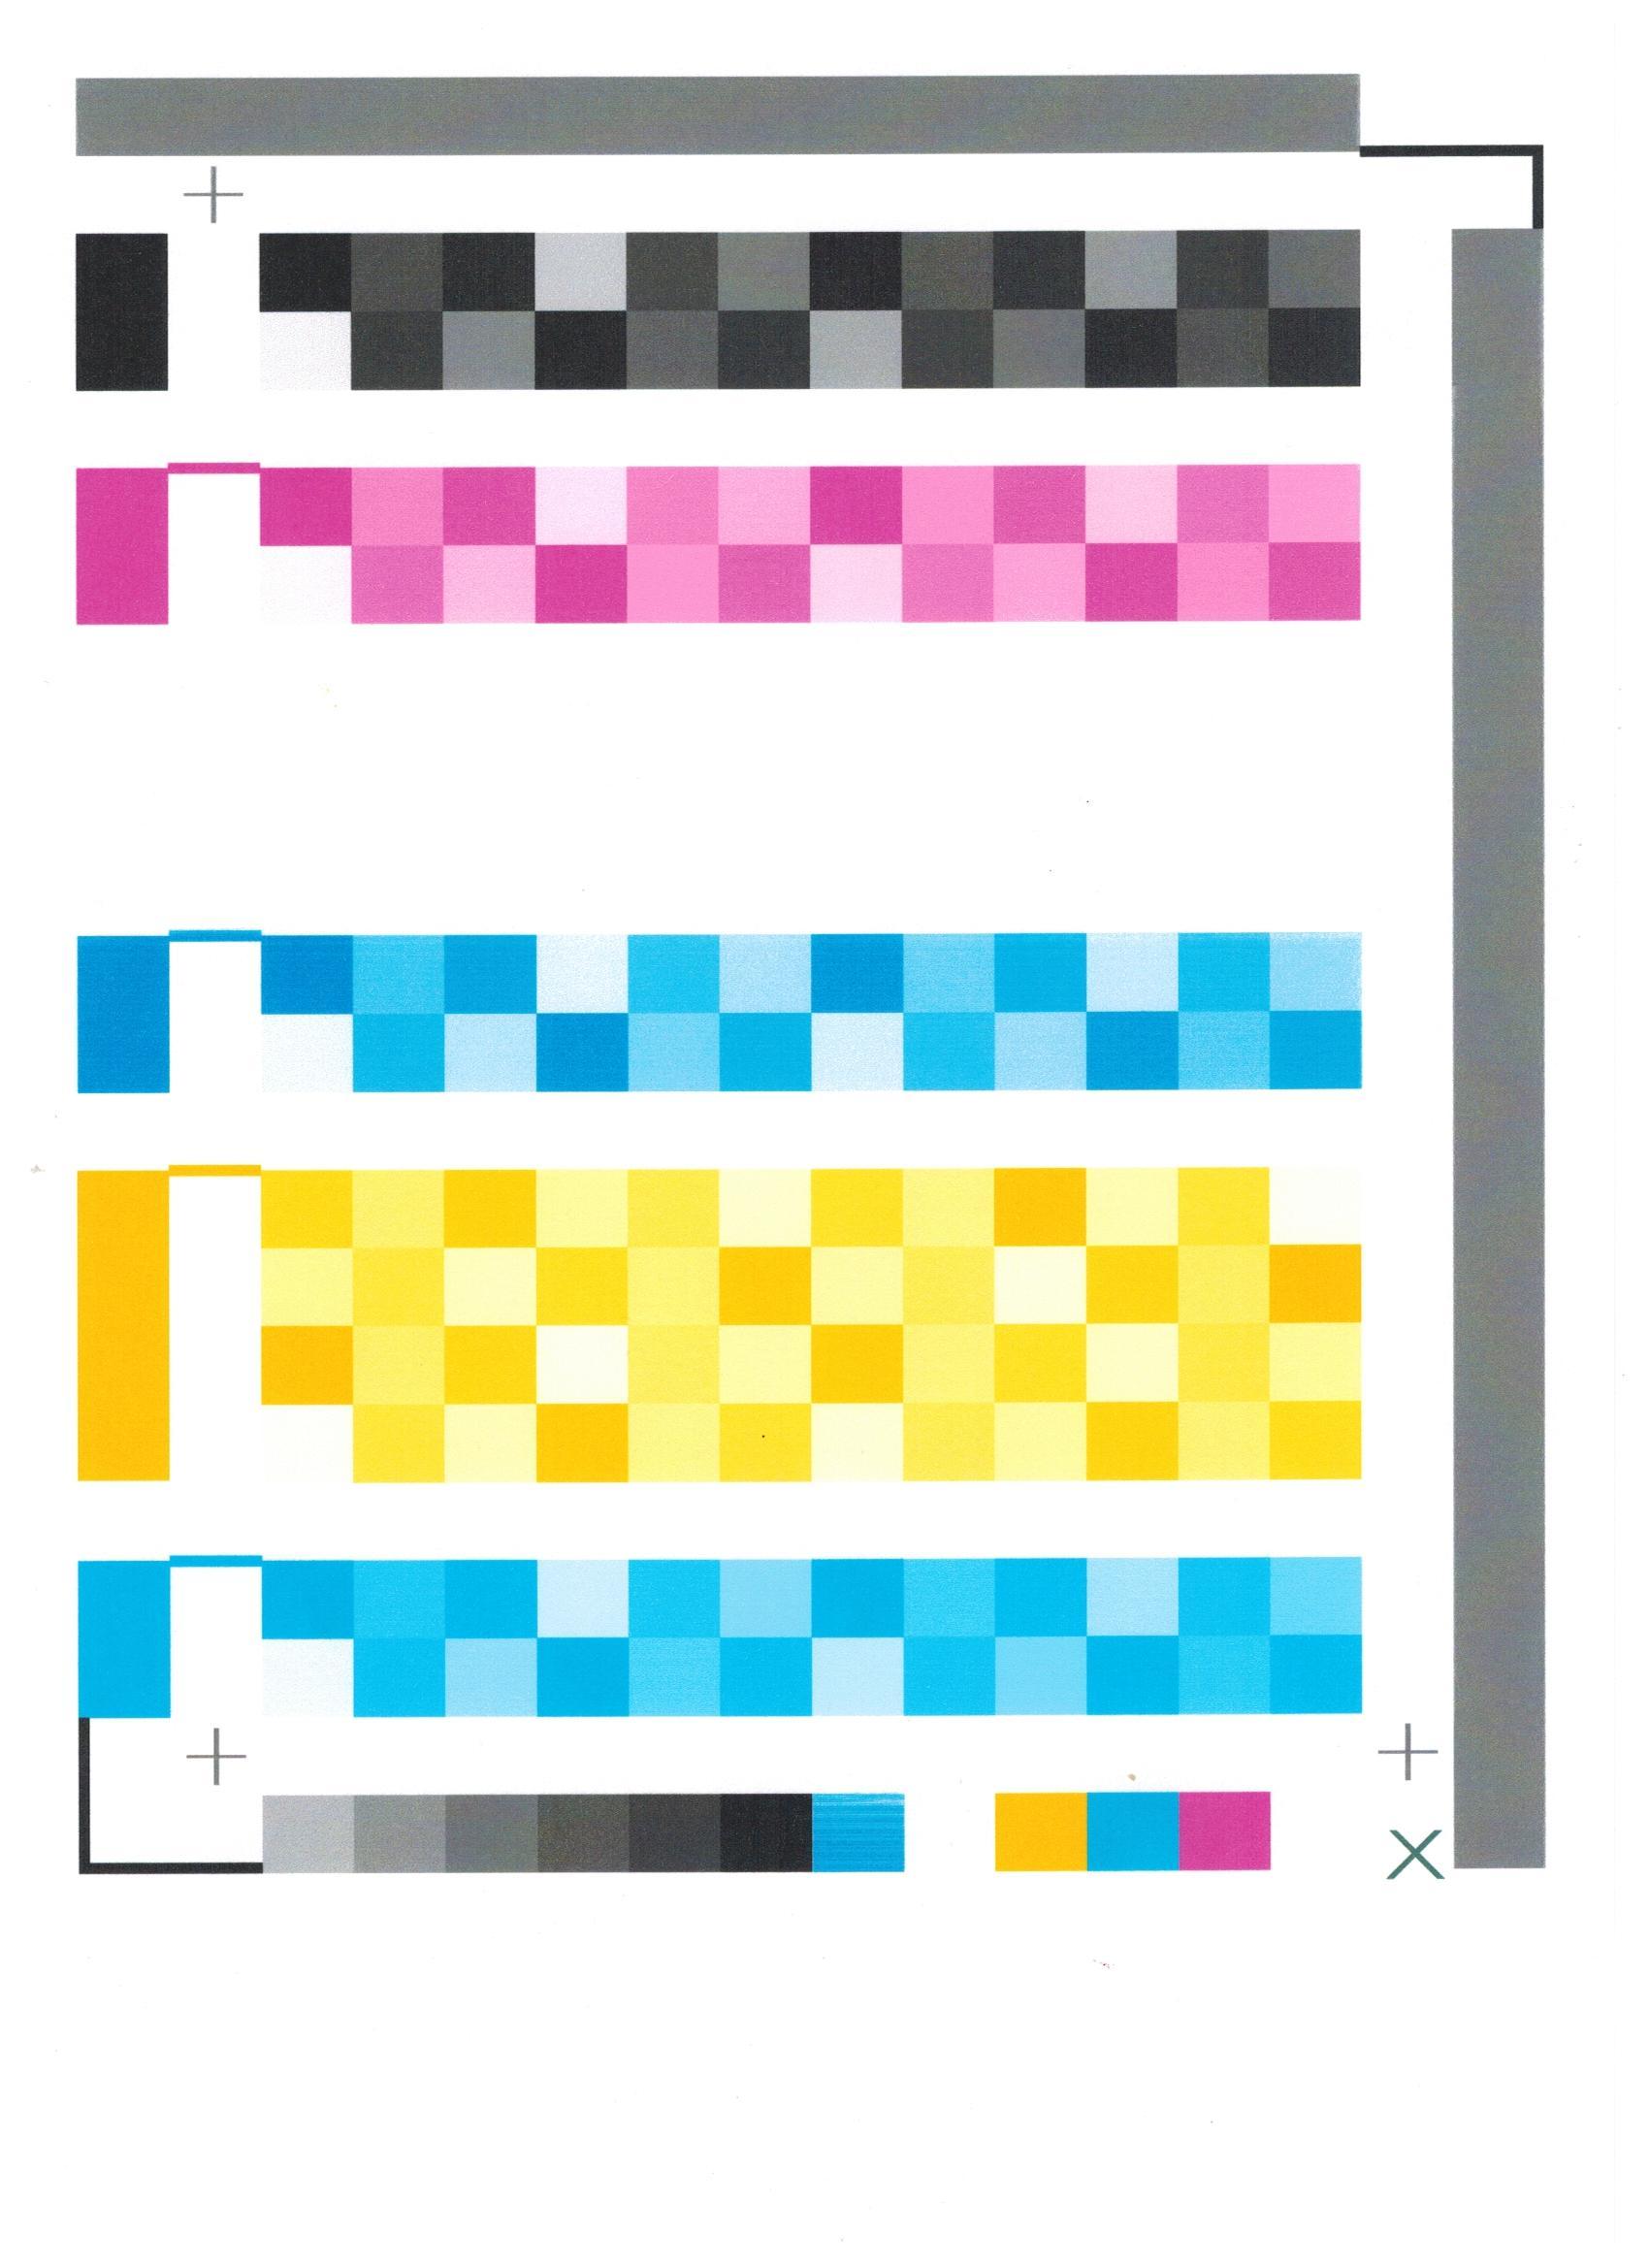 Solucionado: Foro HP - Mi impresora no imprime bien los colores ...